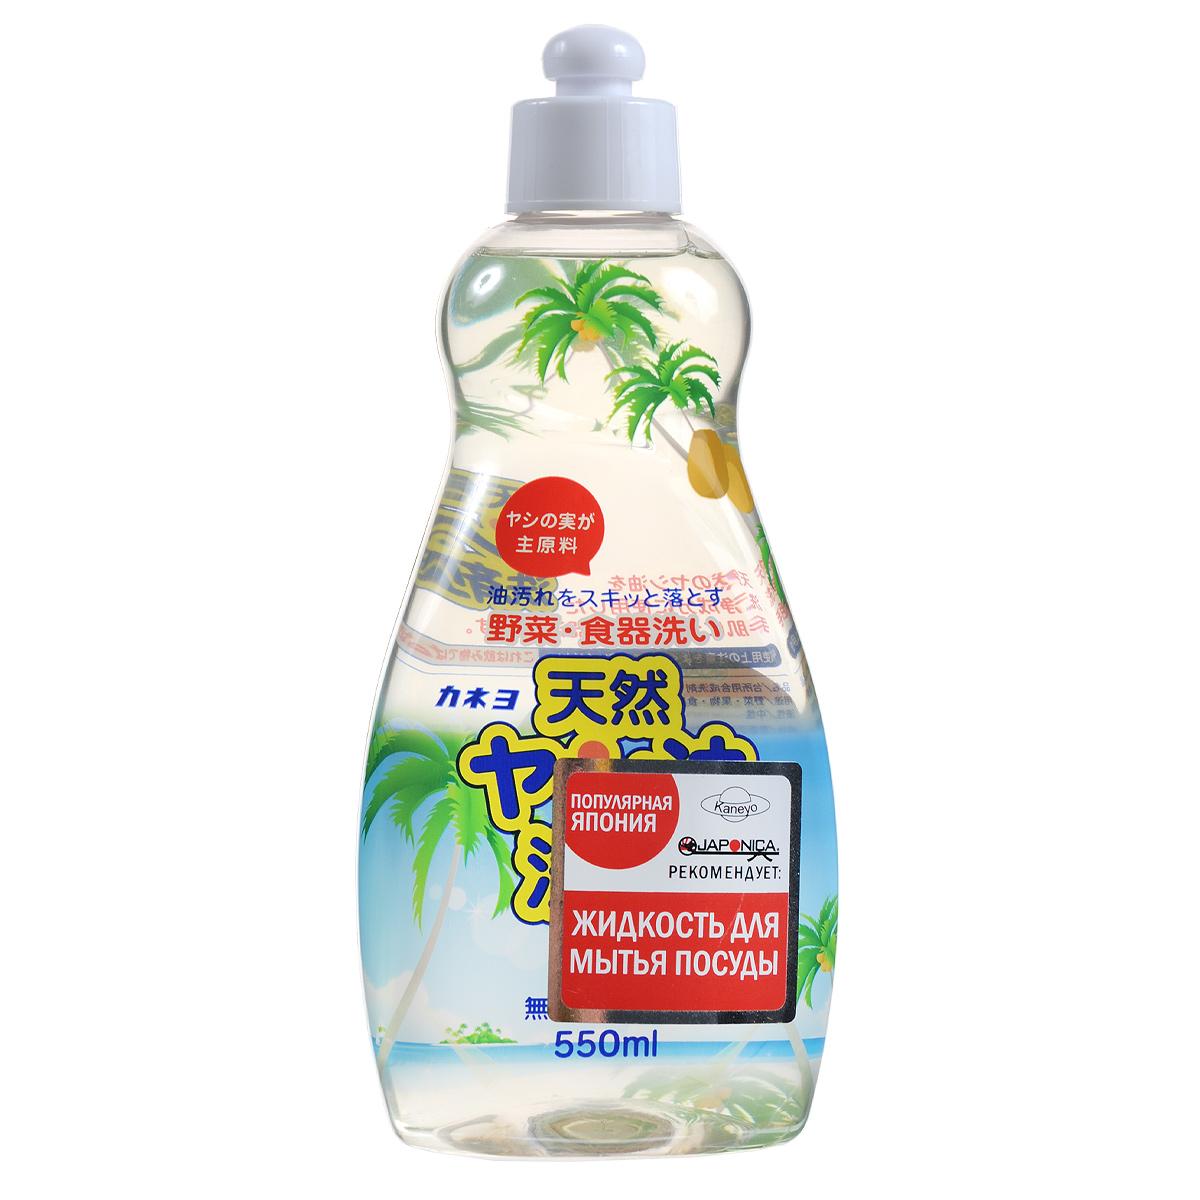 Жидкость для мытья посуды Kaneyo, с натуральным пальмовым маслом, 550 мл201055Жидкость для мытья посуды Kaneyo - это экономичное средство для мытья овощей, фруктов посуды, утвари для приготовления пищи, губок для мытья посуды. Средство быстро расщепляет стойкие жировые и масляные загрязнения, оказывает антибактериальное действие. Изготовлено на основе пальмового масла, содержит увлажняющие компоненты, заботящиеся о коже рук, не вызывает раздражения, хорошо пенится и легко смывается. Не содержит отдушек. Применение: нанести небольшое количество жидкости на губку, намылить посуду и смыть. Для стерилизации губки, нанести 8 мл средства, вспенить и оставить до следующего мытья посуды.